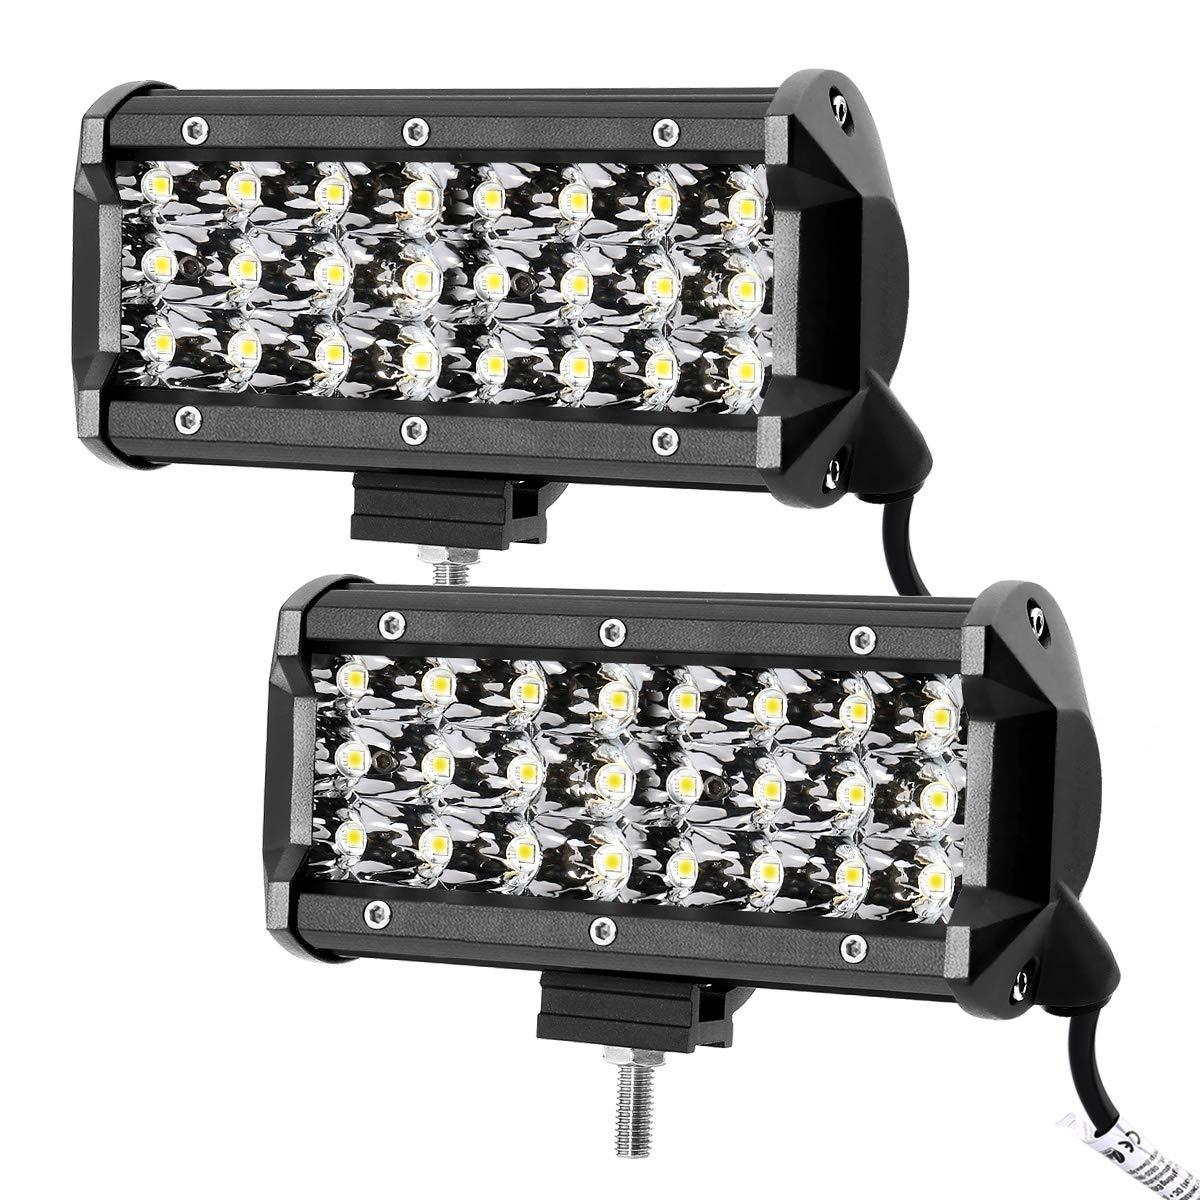 LE 2 Fari LED 72W, fascio di luce combinato, Proiettore Fendinebbia Impermeabile IP67, 7200lm, 6500K per per Fuoristrada Macchina Barca Camper Mezzi pesanti Trattore Lighting EVER 4332996357